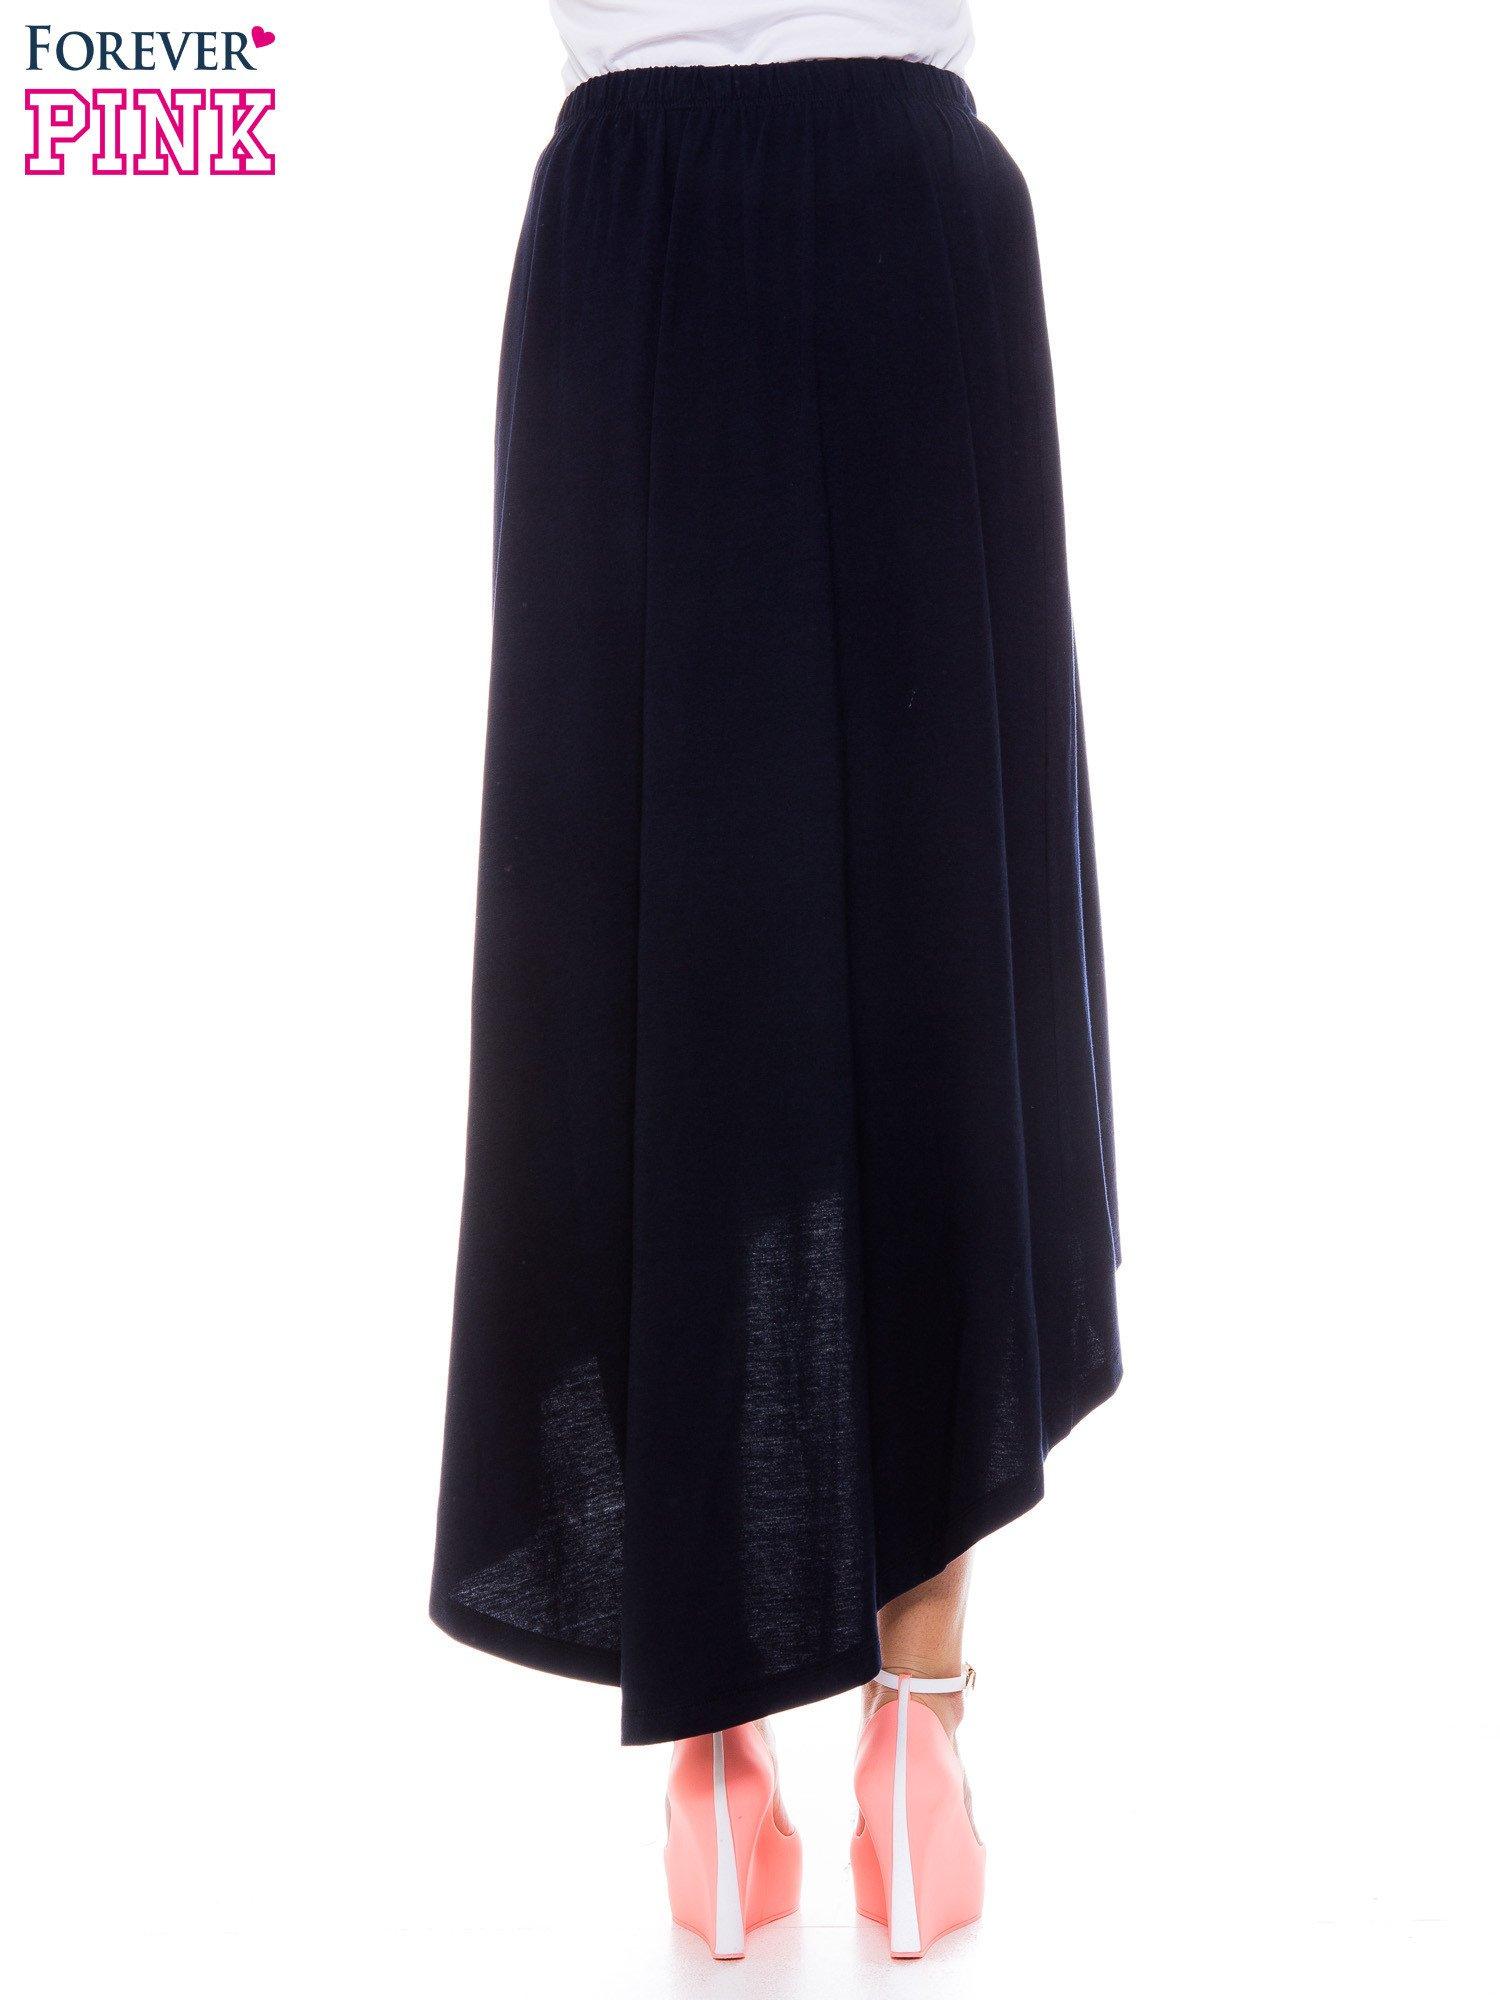 Granatowa zwiewna spódnica z dłuższym tyłem                                  zdj.                                  3